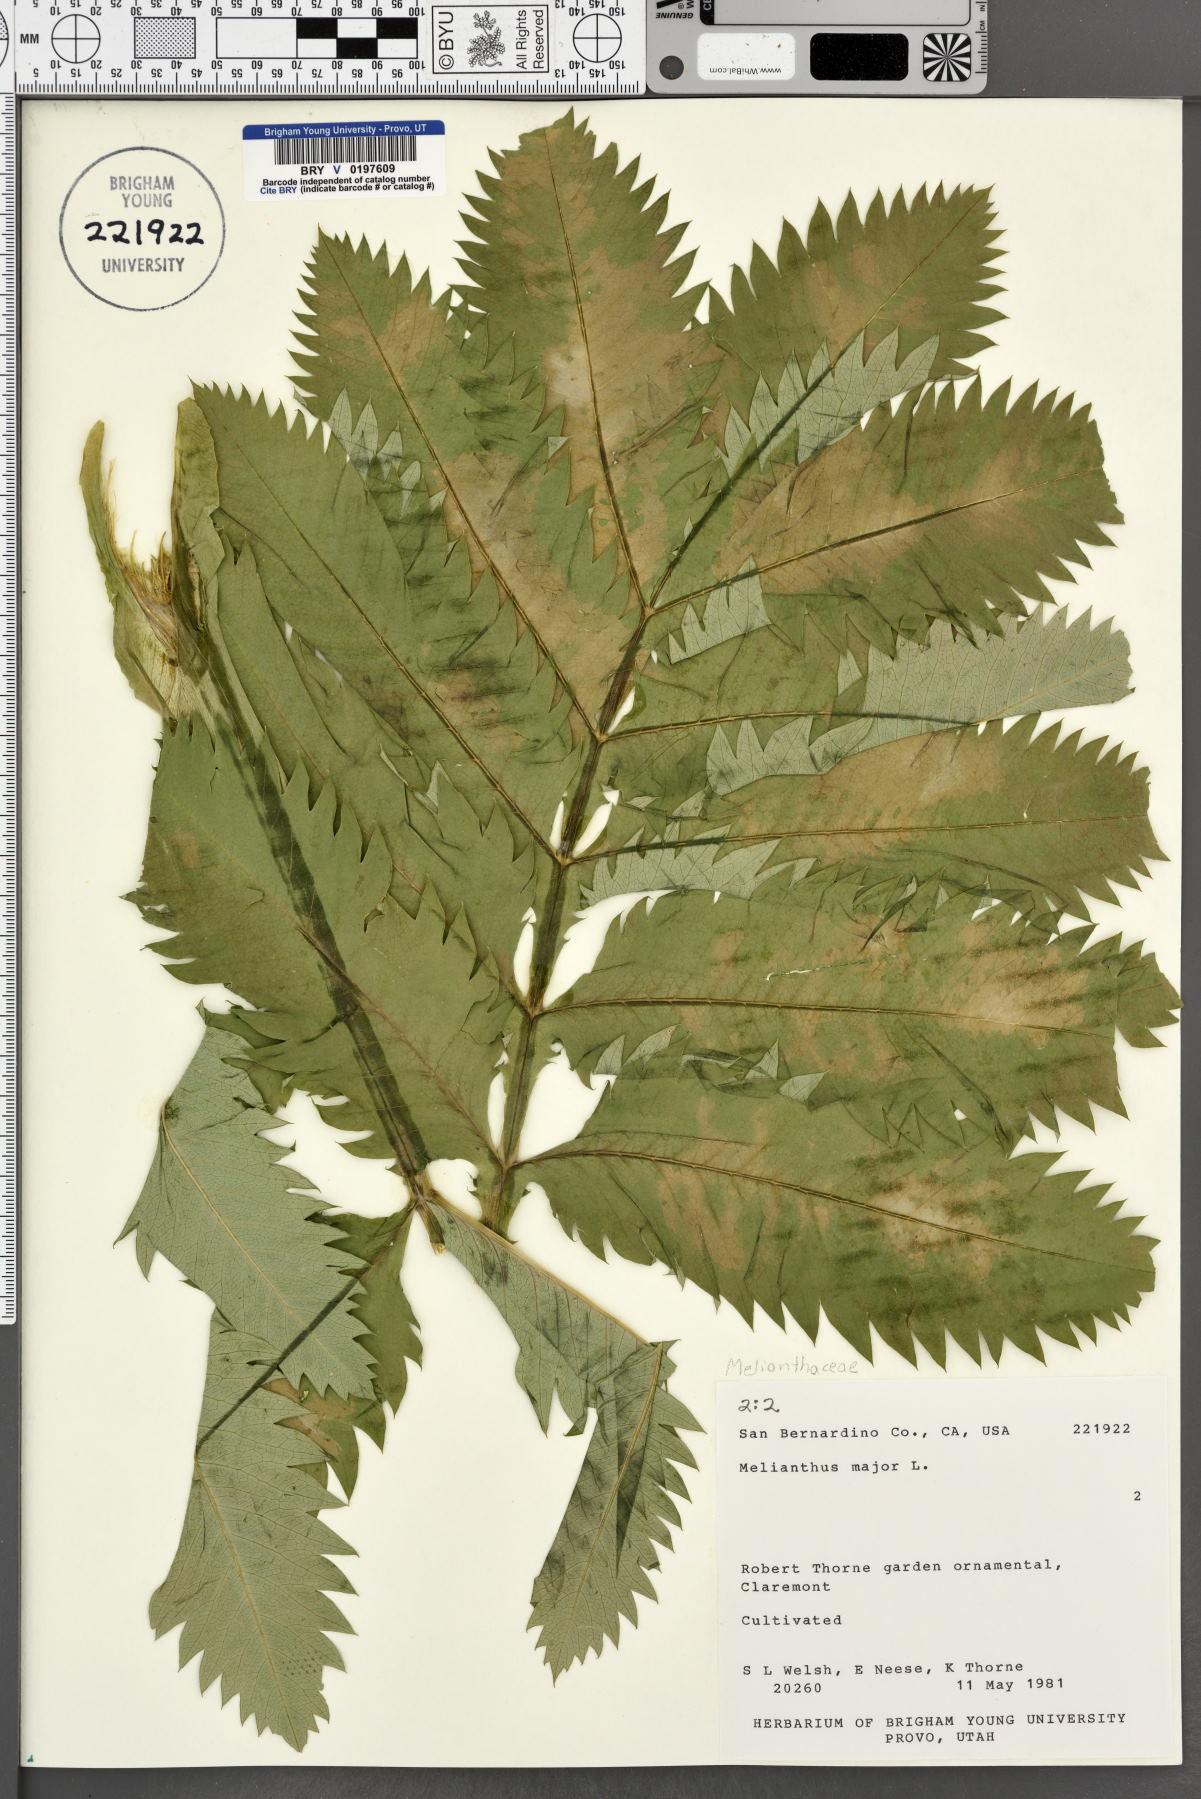 Melianthus image